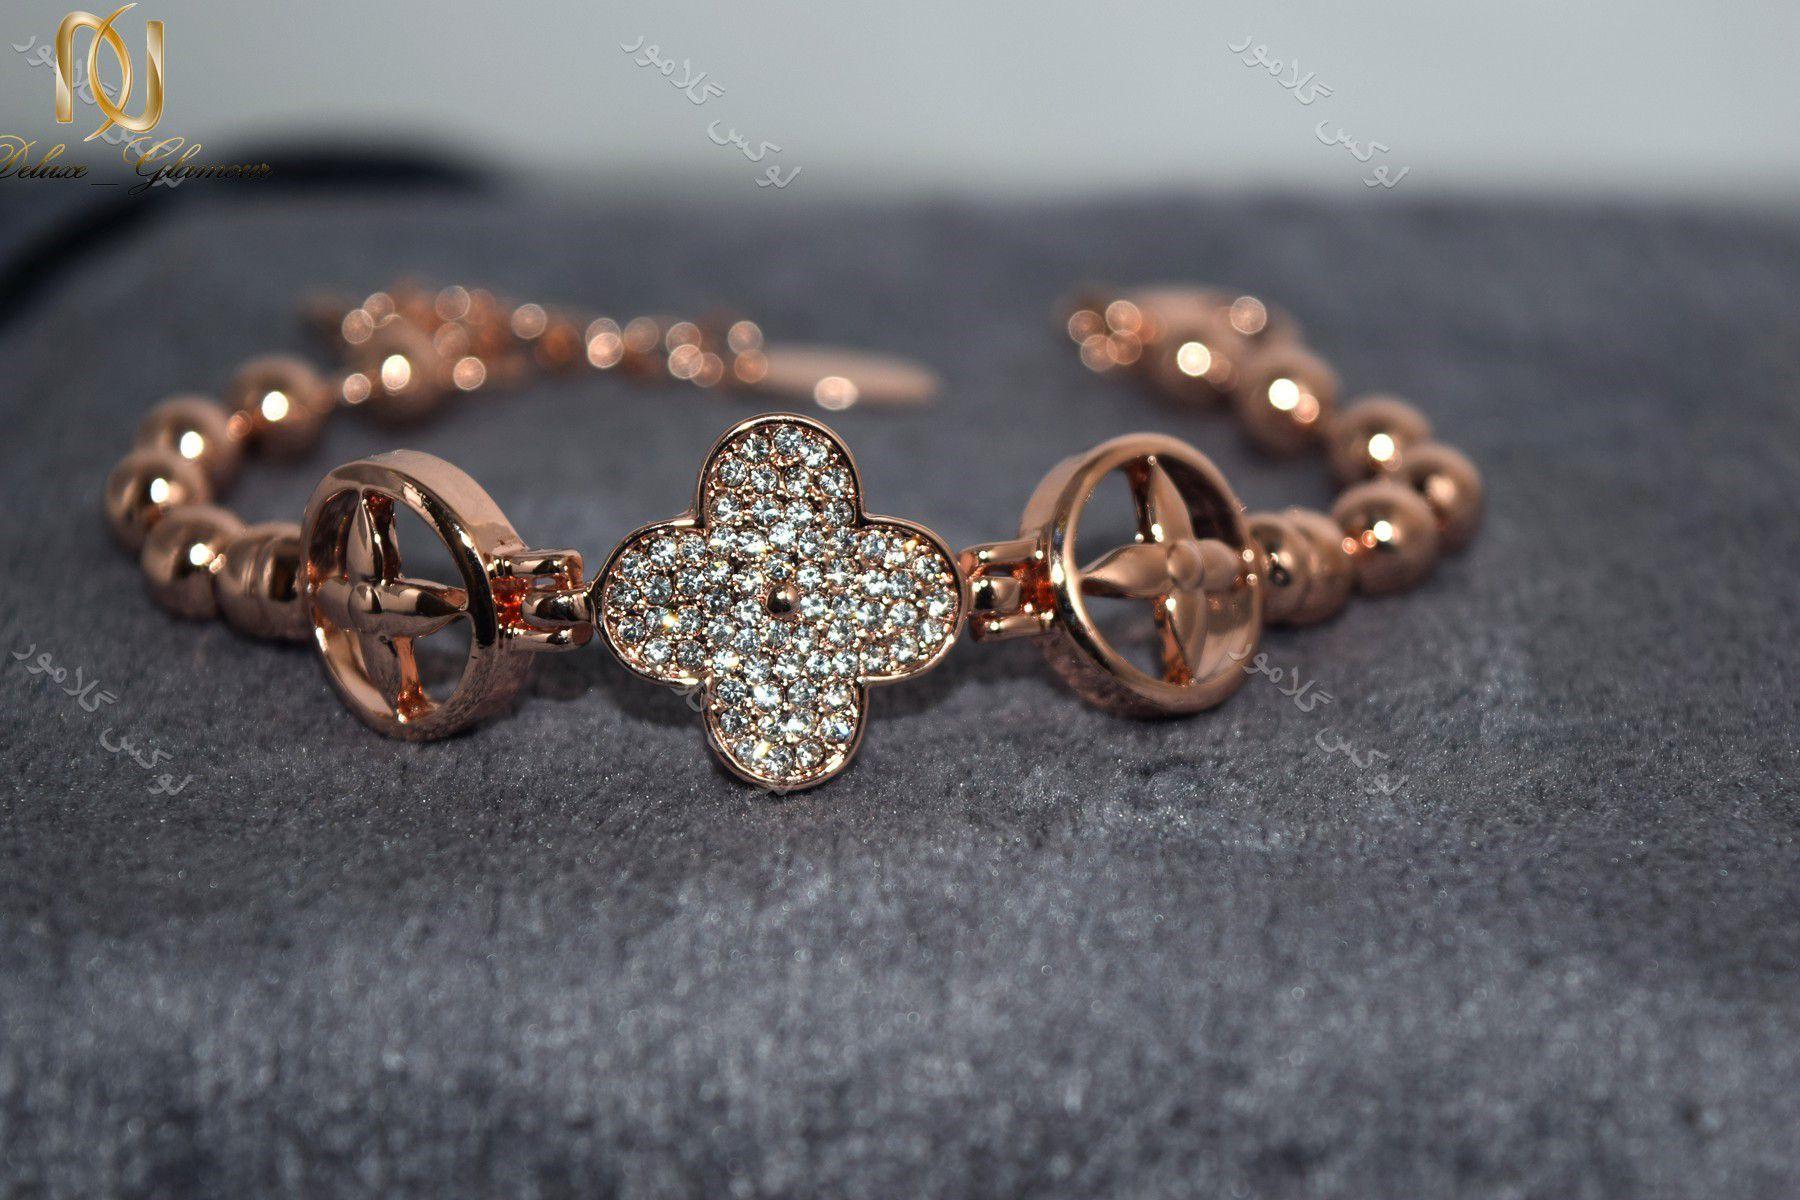 دستبند دخترانه طرح ون کلیف کلیو با کریستالهای سواروسکی Ds-n190 (3)